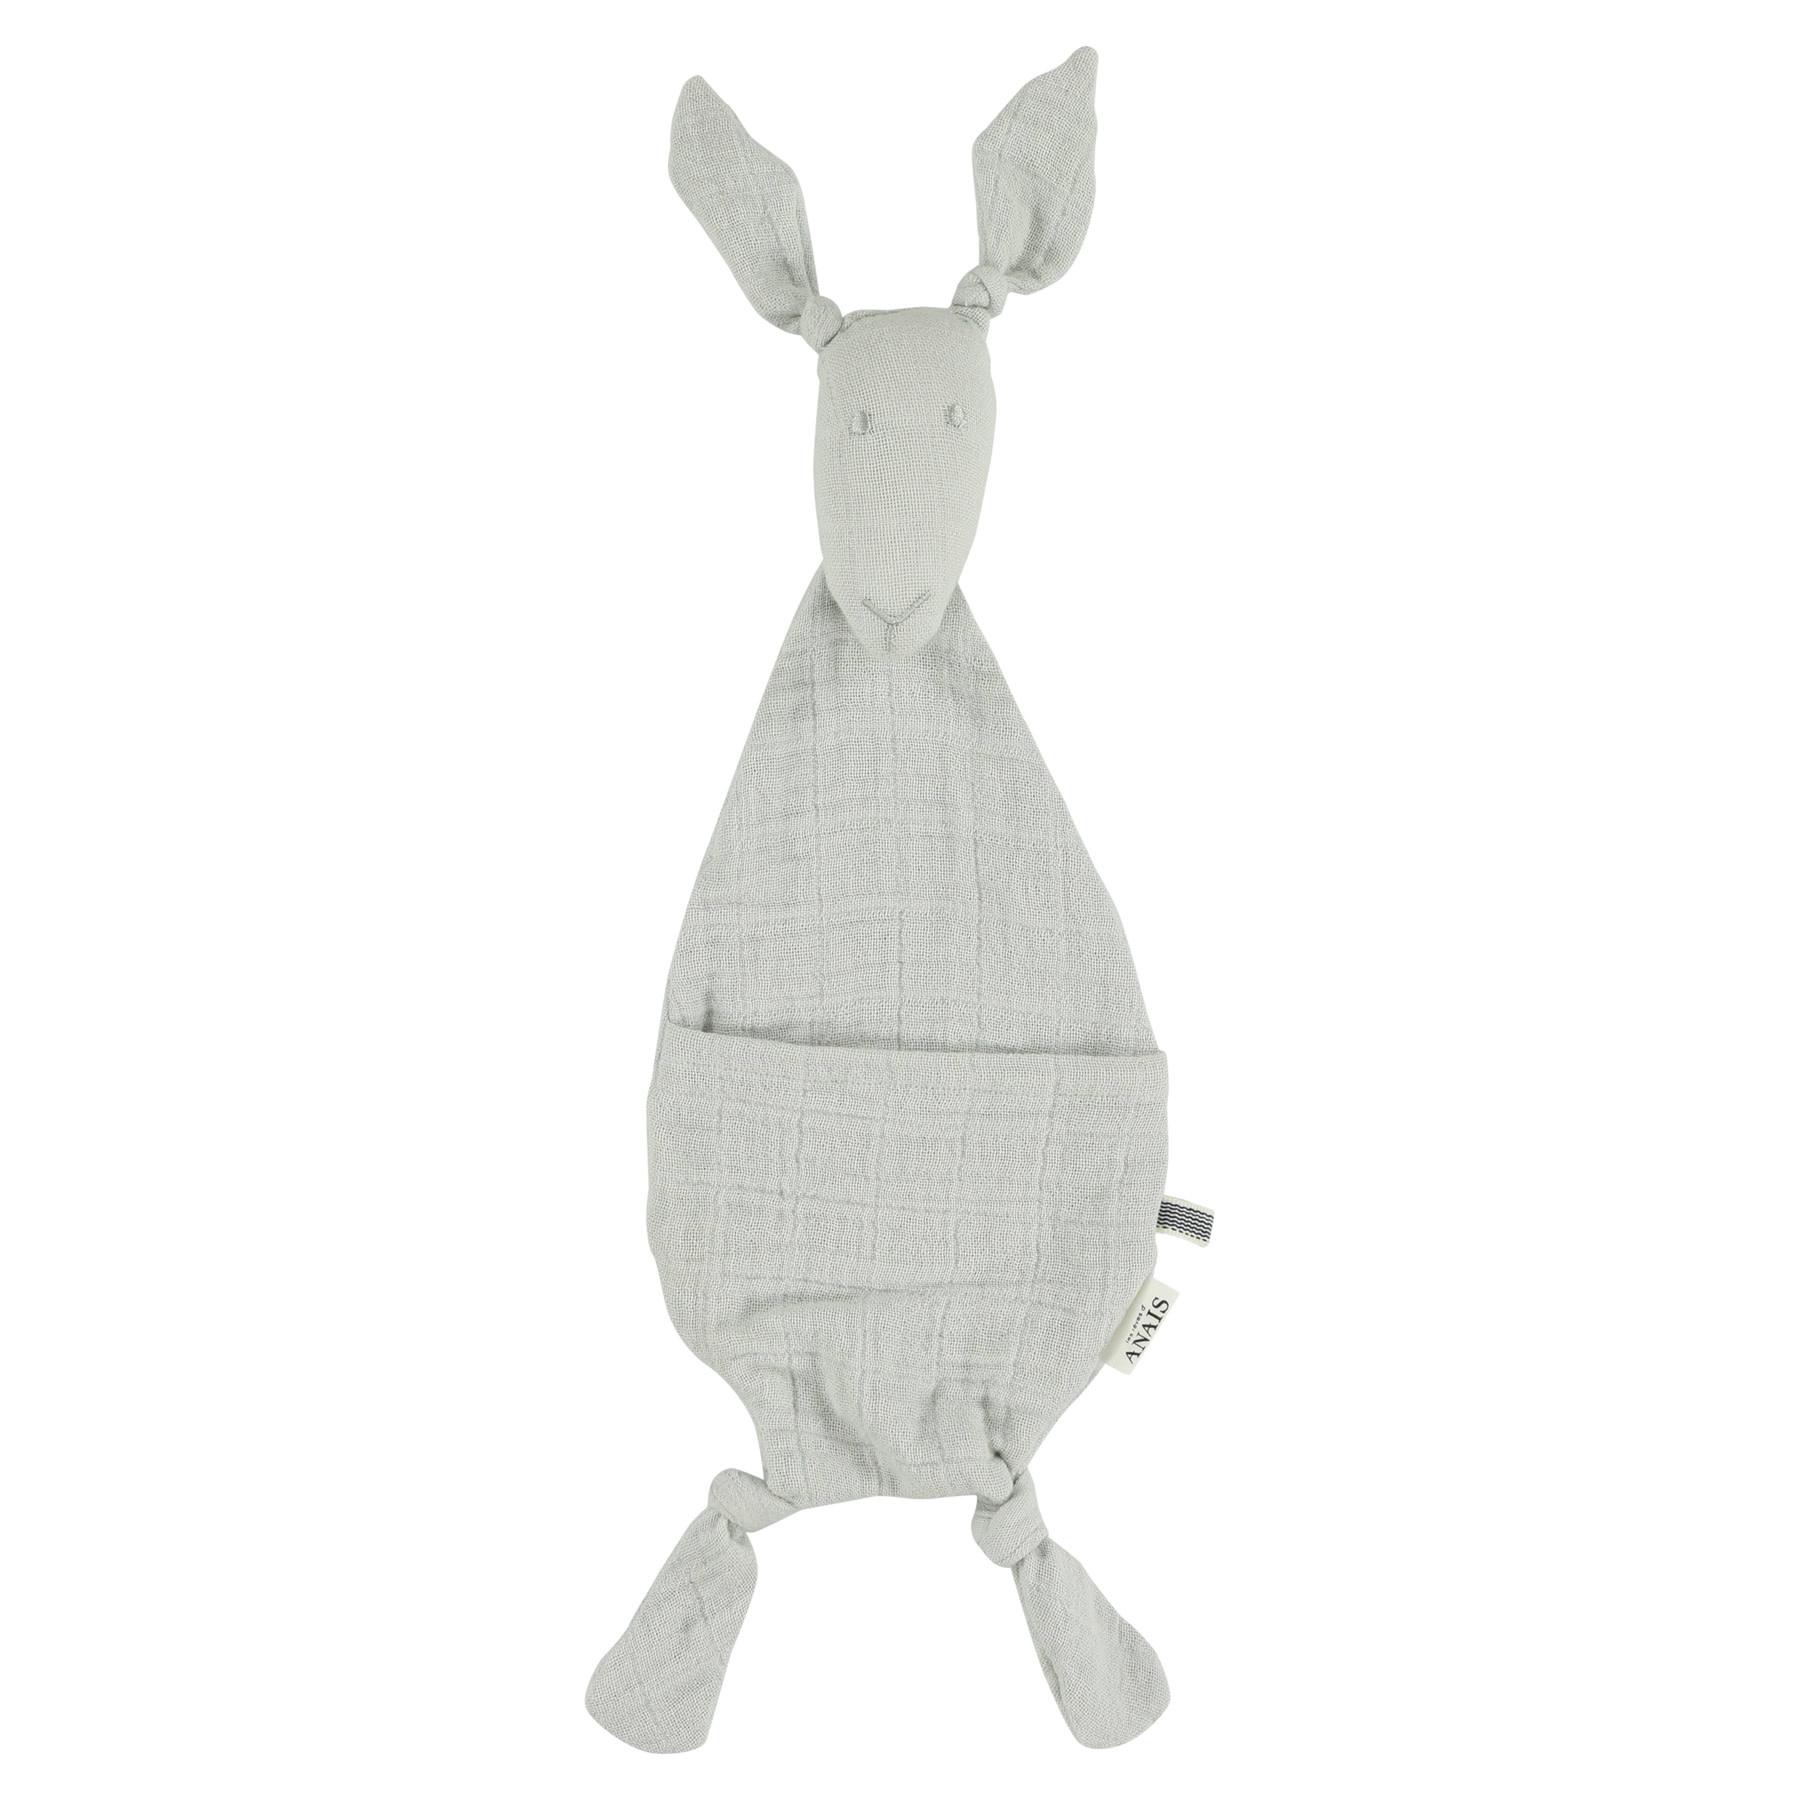 Fopspeendoekje kangoeroe bliss grey-1